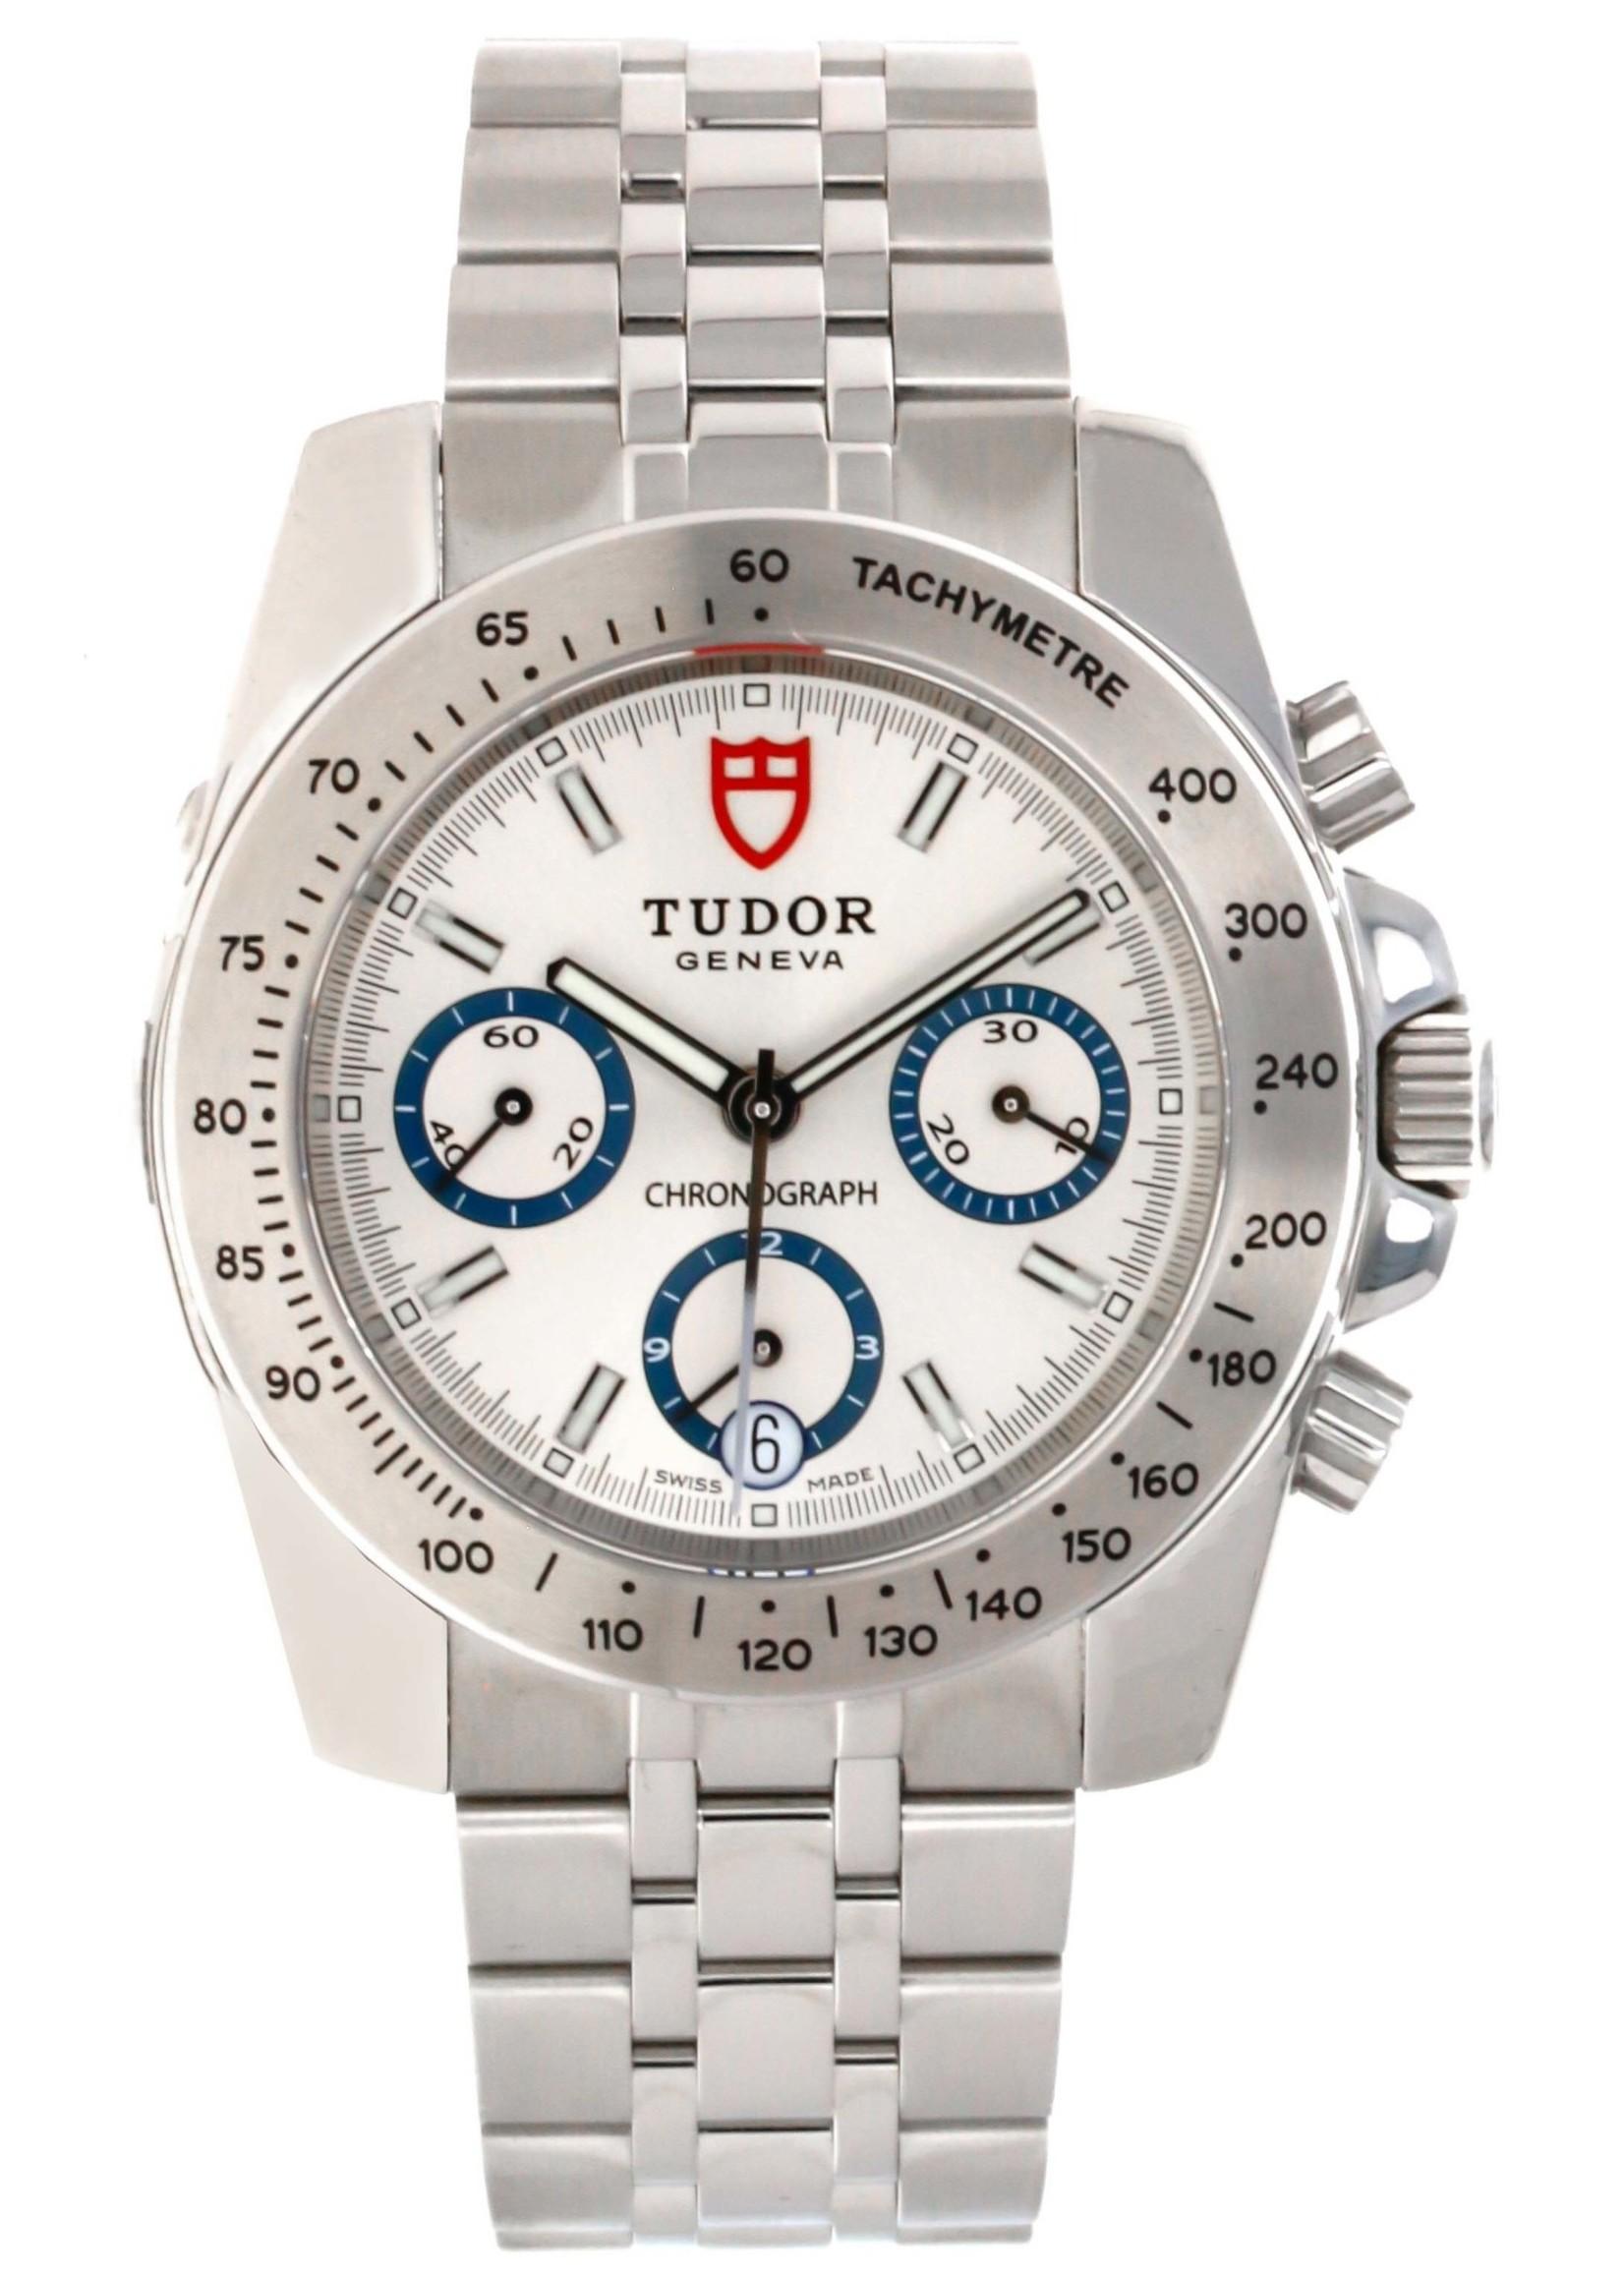 Tudor TUDOR Crono  (new)